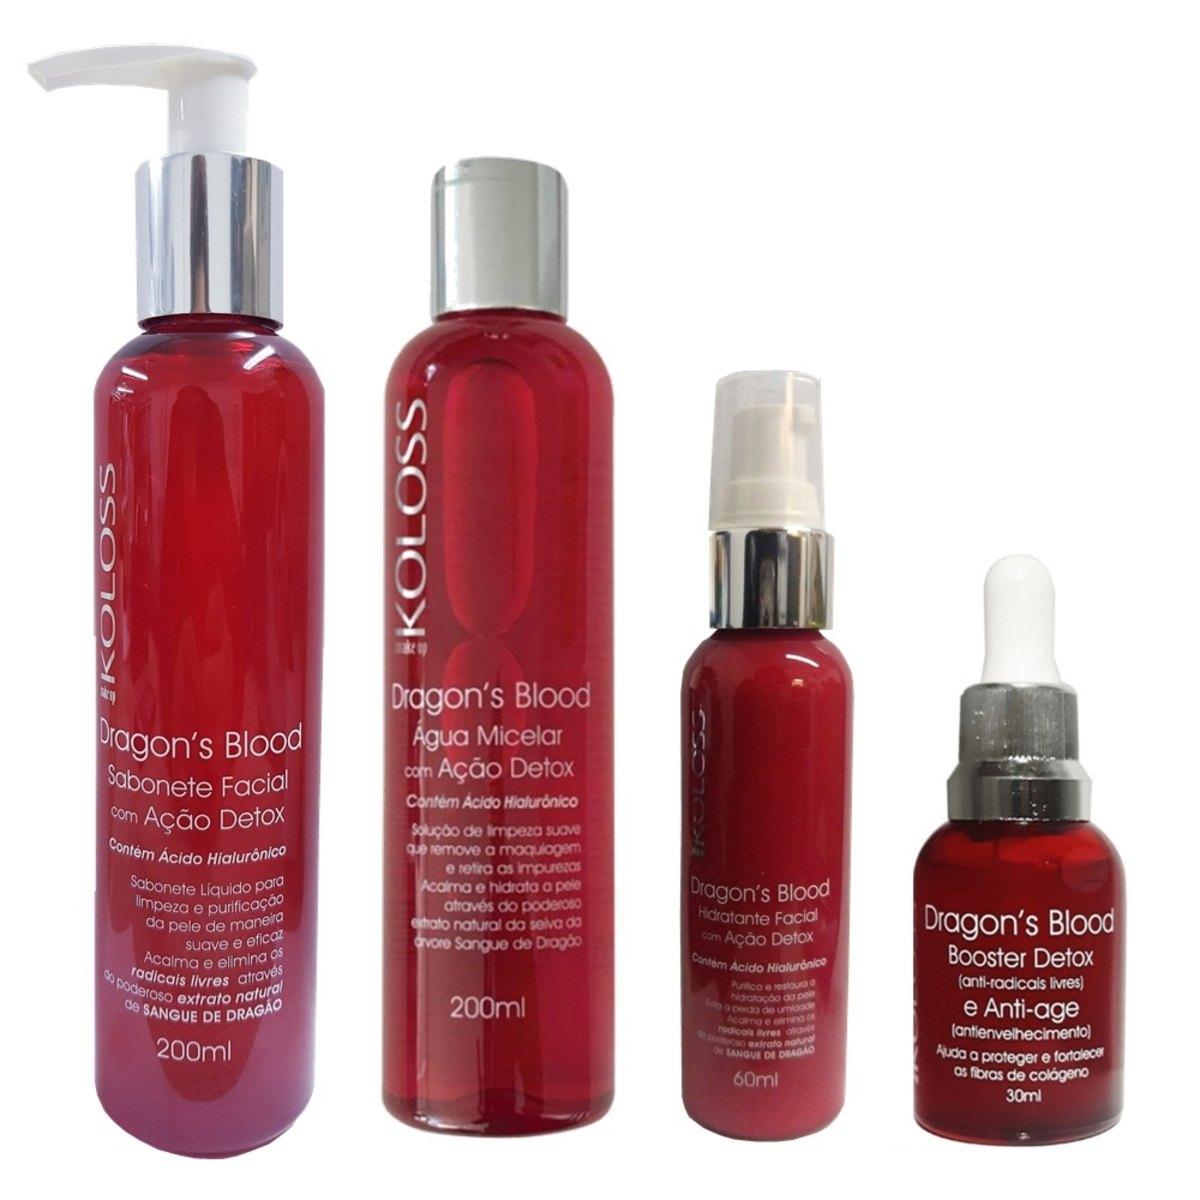 Koloss cosméticos | O stress pode afetar a saúde da pele